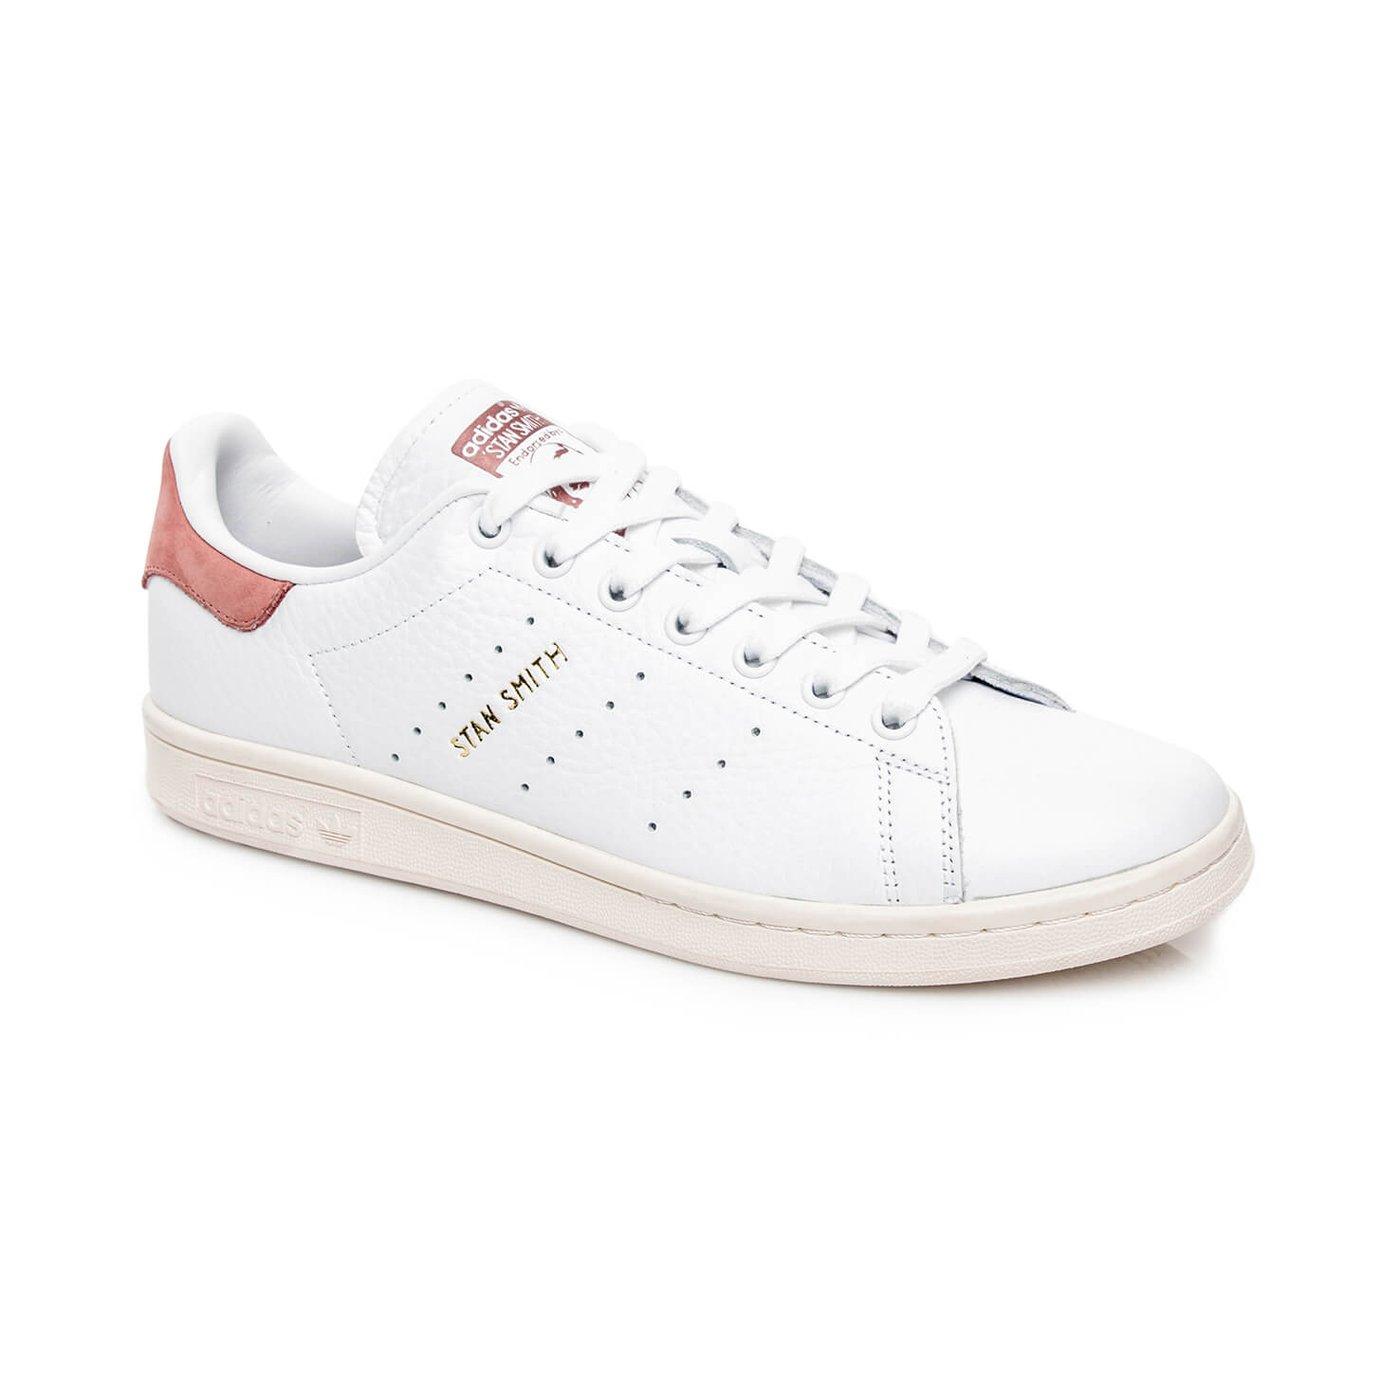 adidas cp9702